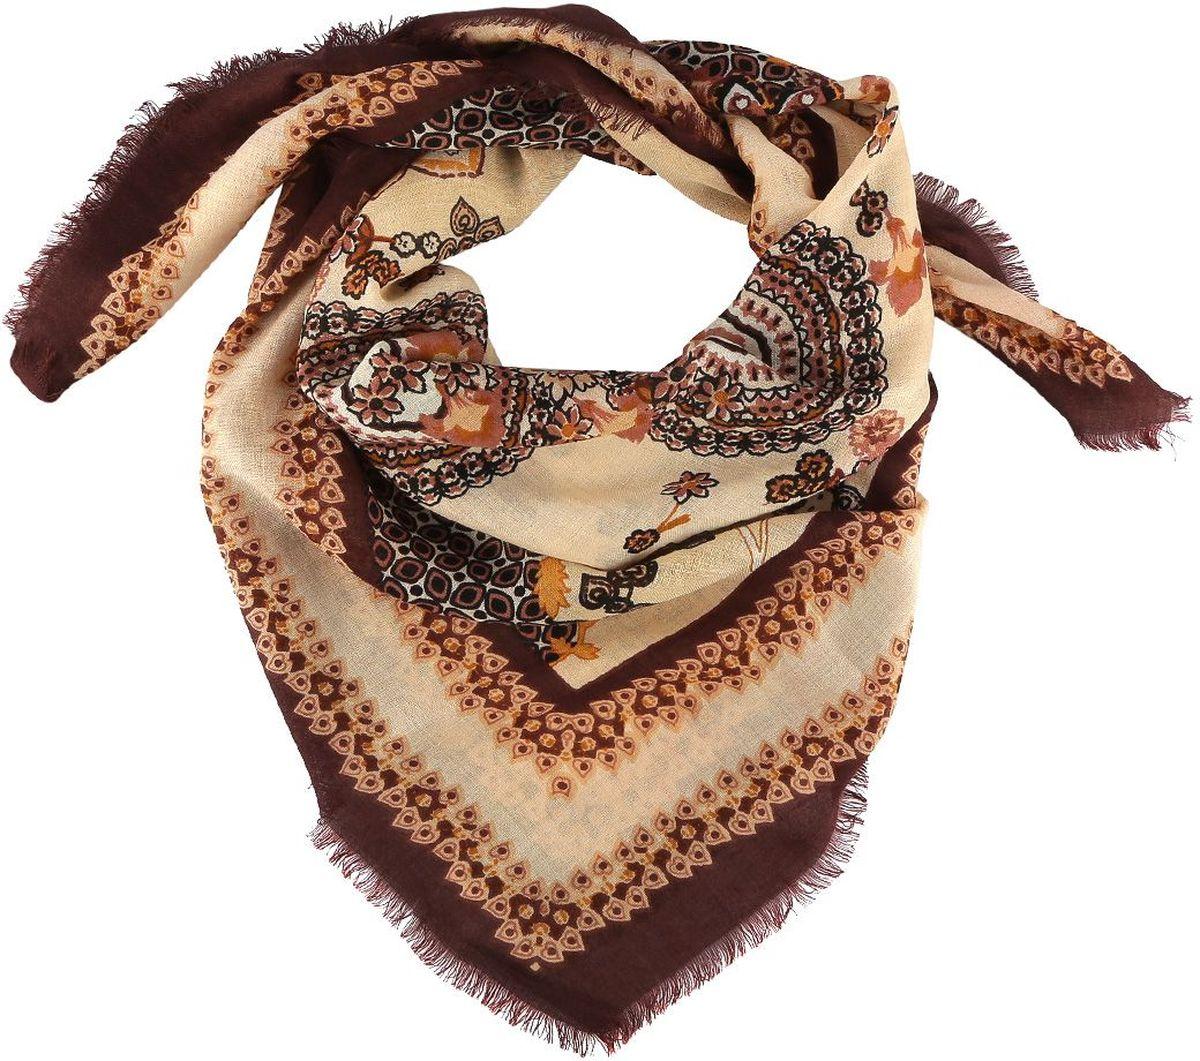 Платок Fabretti, цвет: бежевый, коричневый. 1311019-3. Размер 106 см х 106 см1311019-3Стильный женский платок Fabretti - добавит в ваш образ нотку романтики и шарма, а также подчеркнет безупречный вкус. Прекрасное завершение вашего образа.